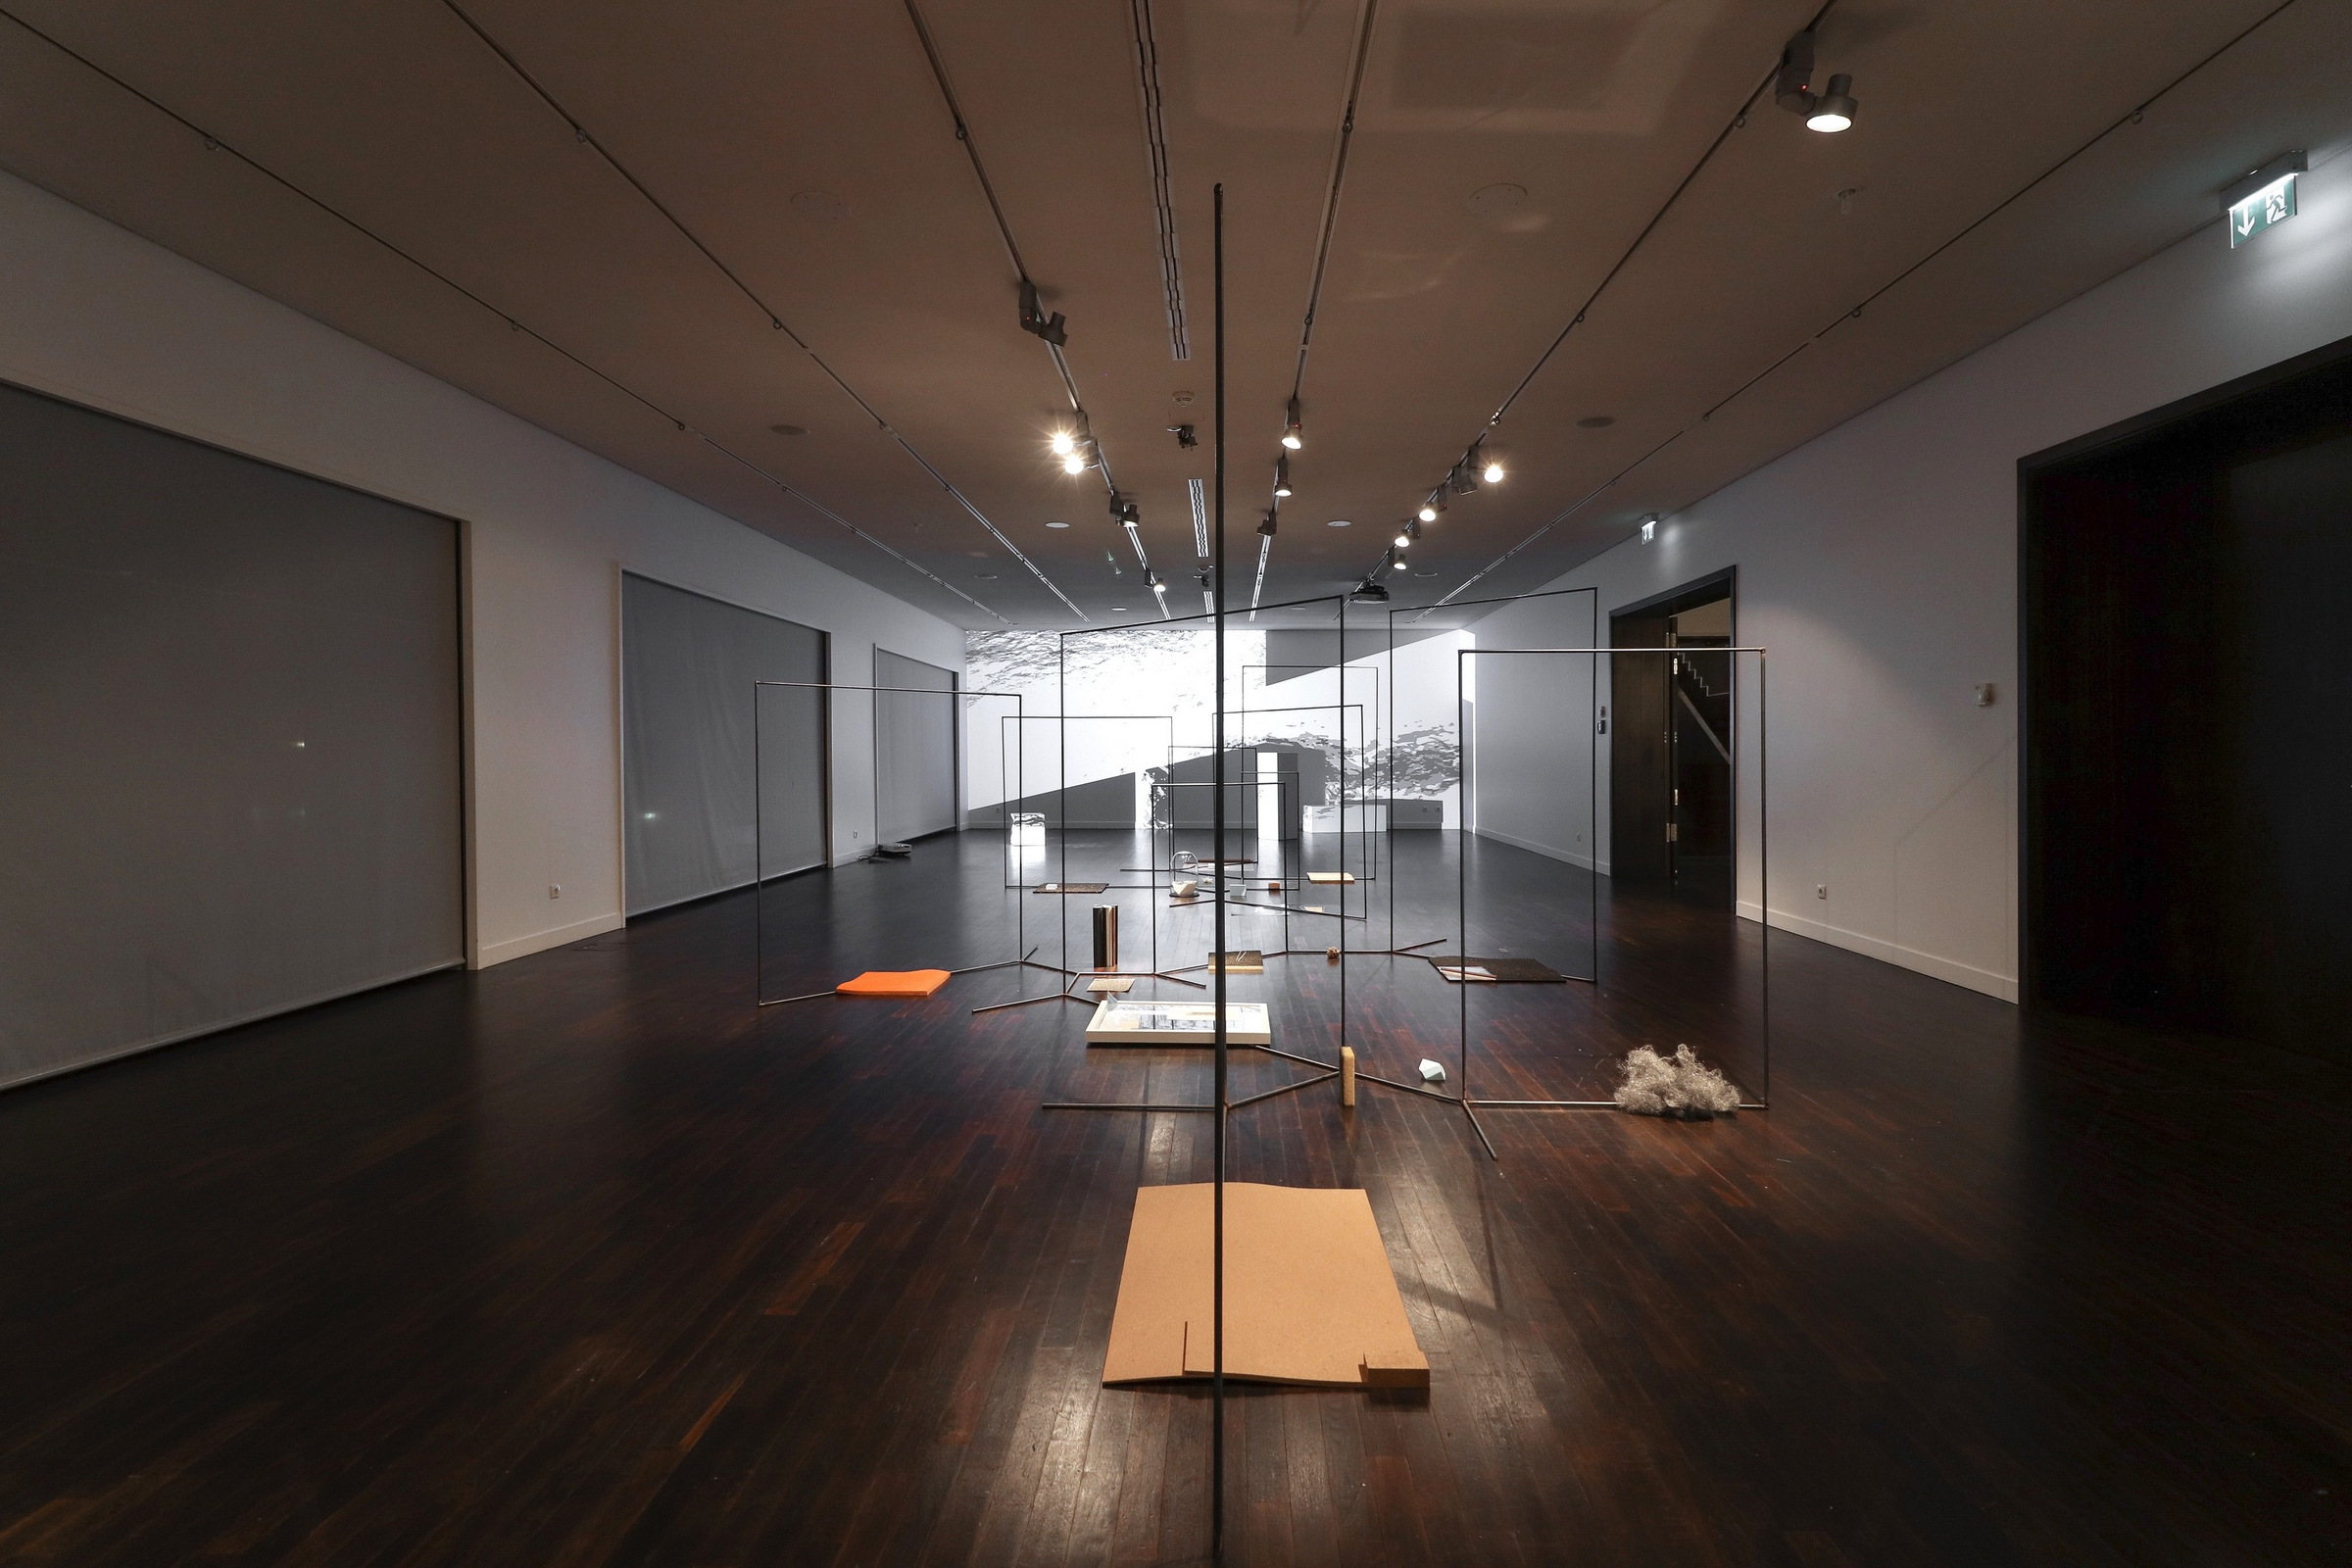 Clustering Illusions, 2017, installation view at Collegium Hungaricum Berlin